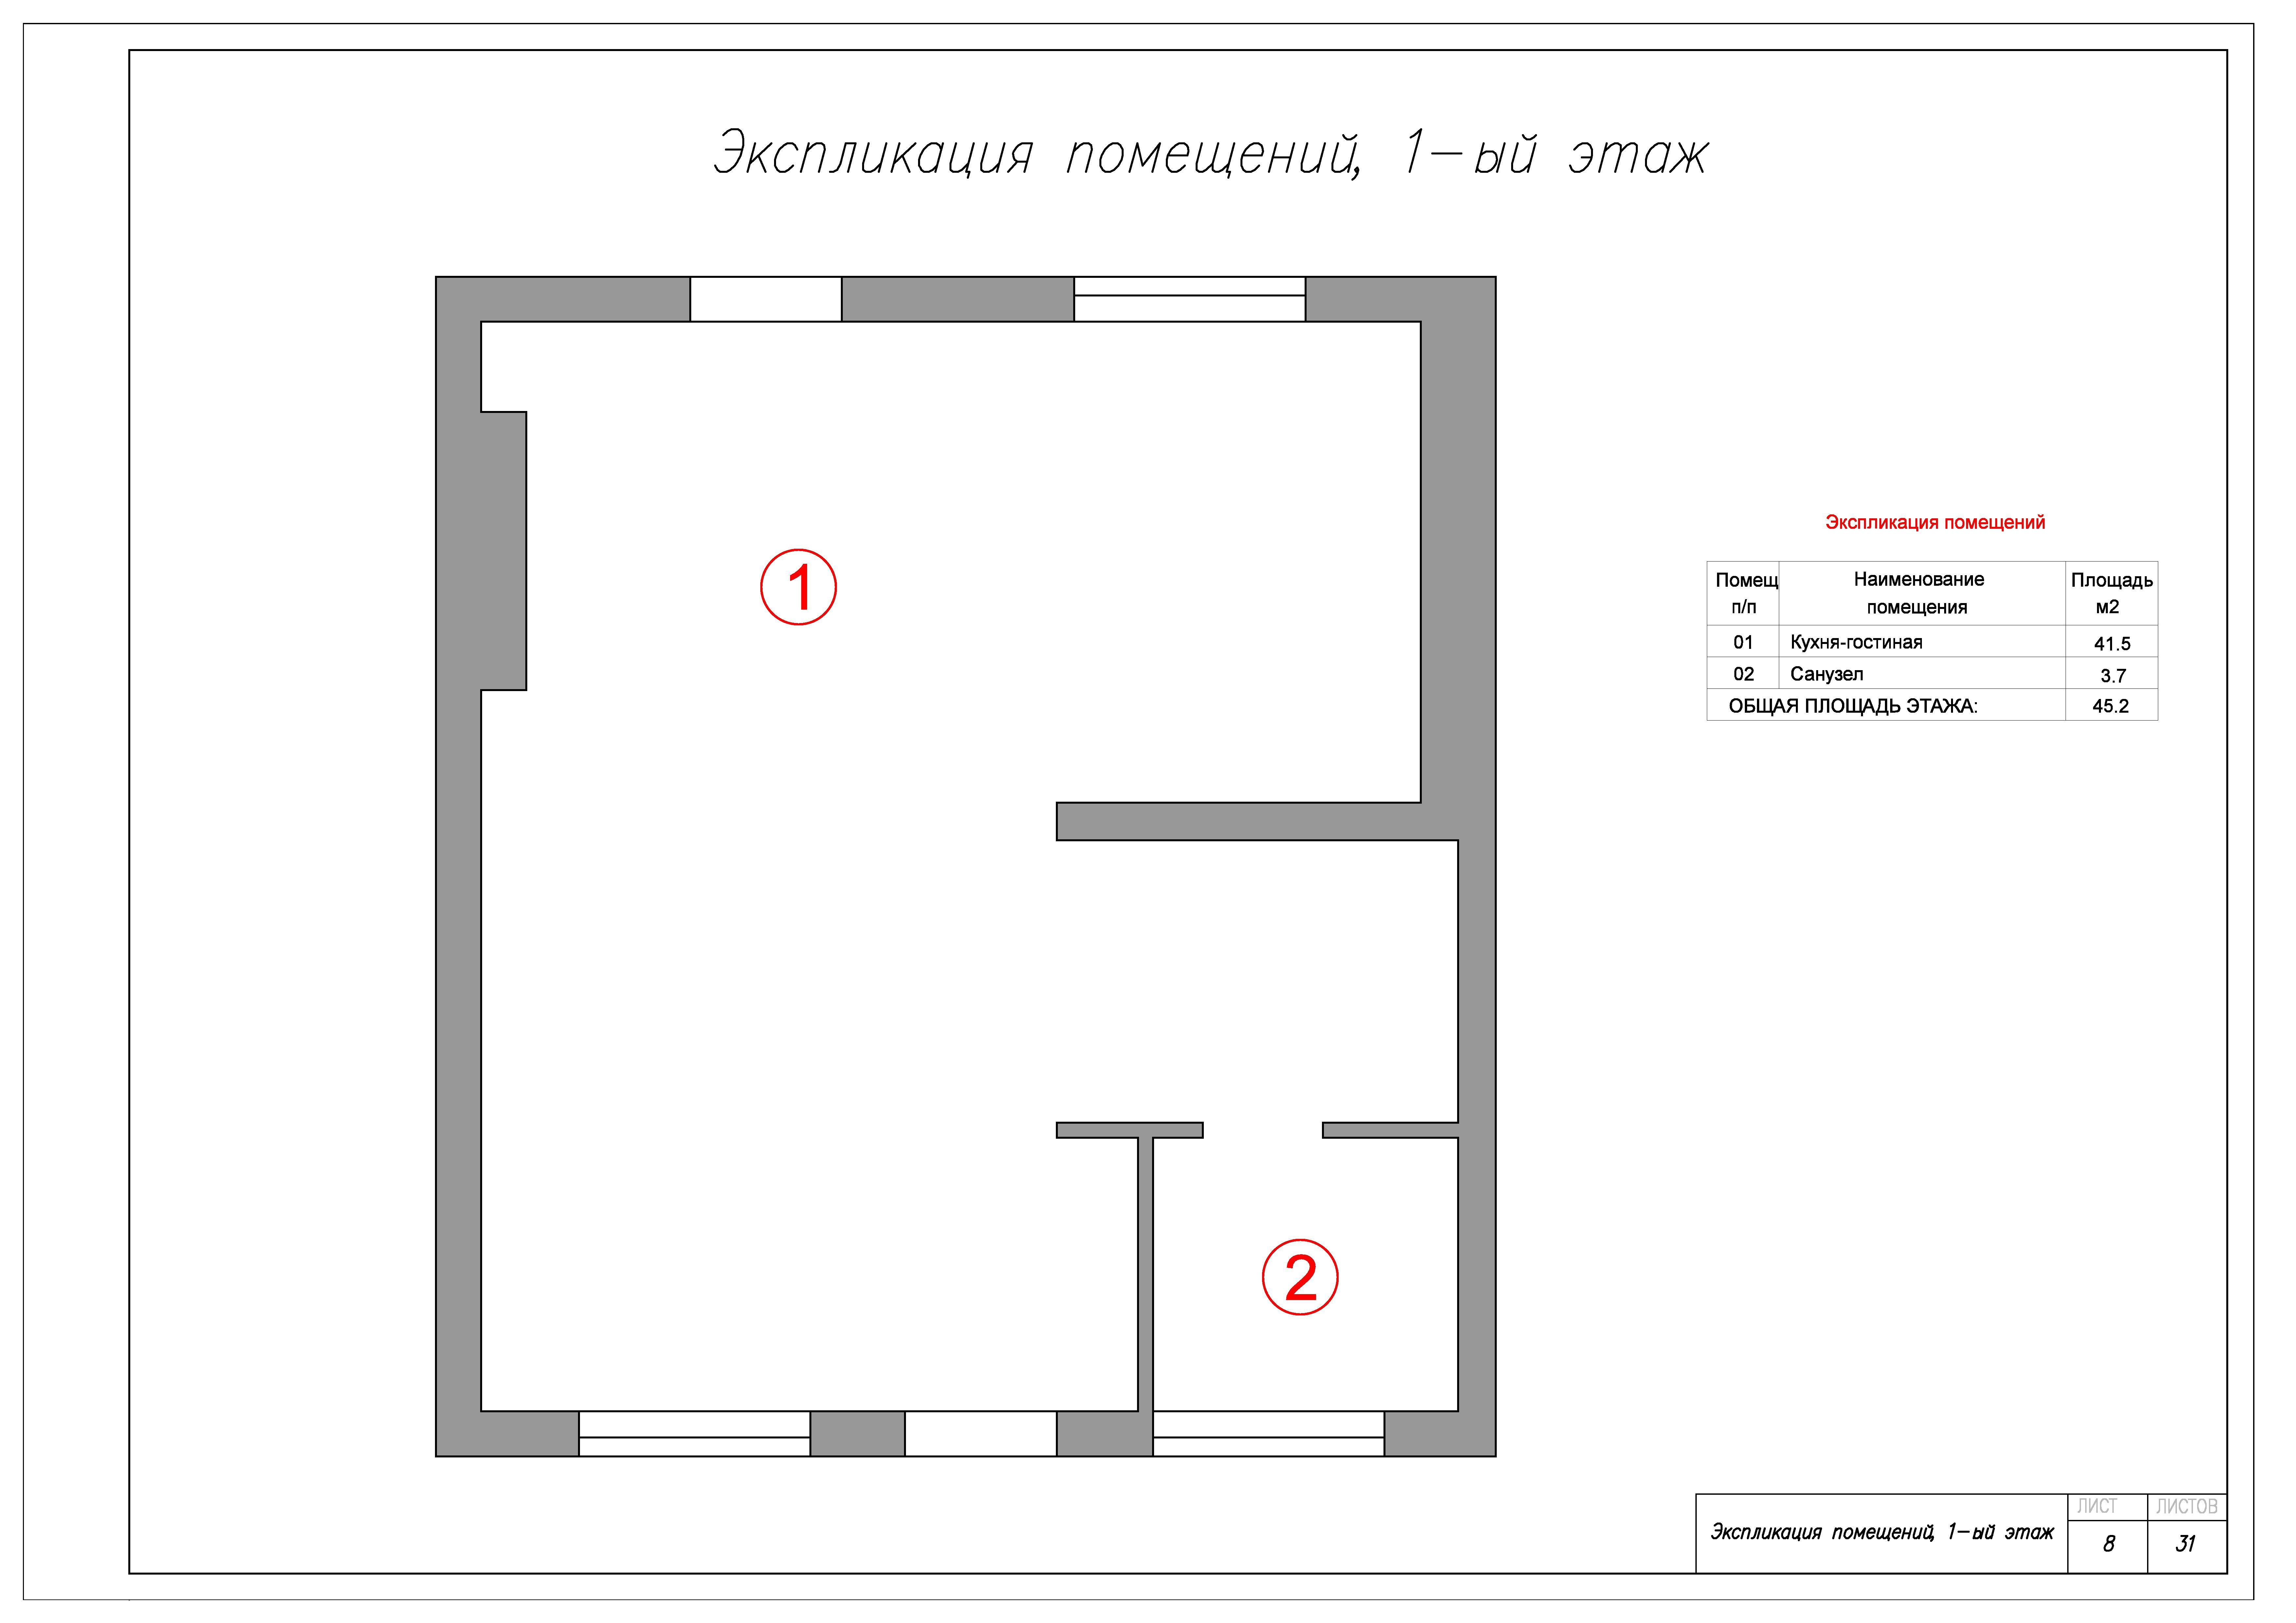 Экспликация помещений, 1 этаж